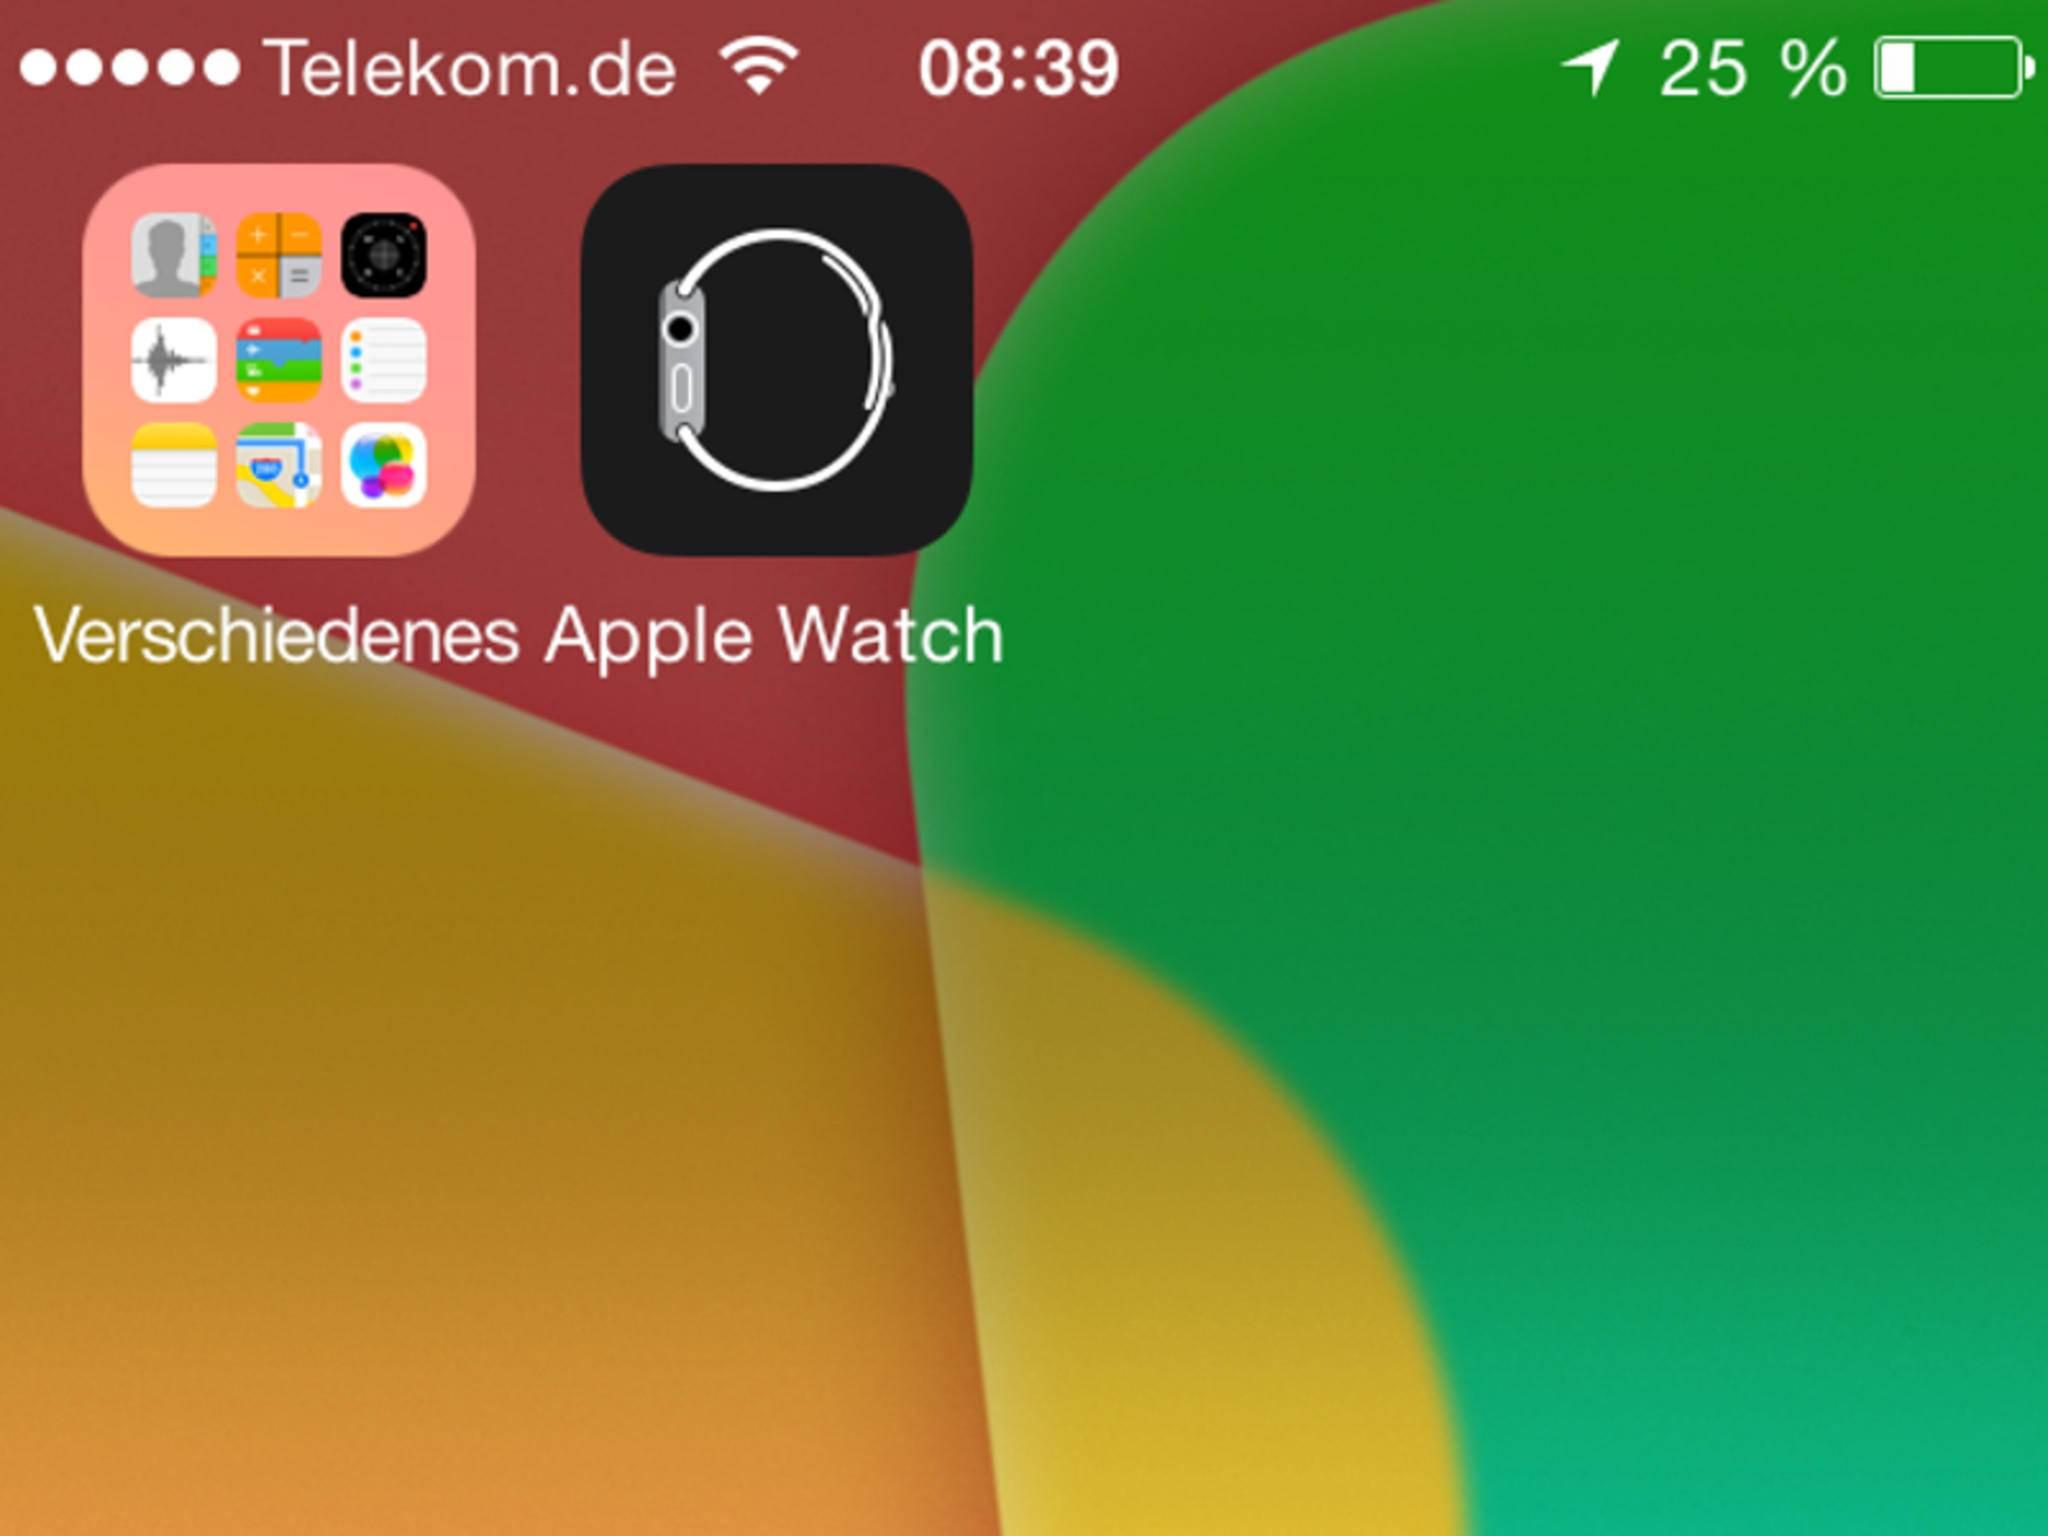 So sieht die neue Companion-App für die Apple Watch aus.